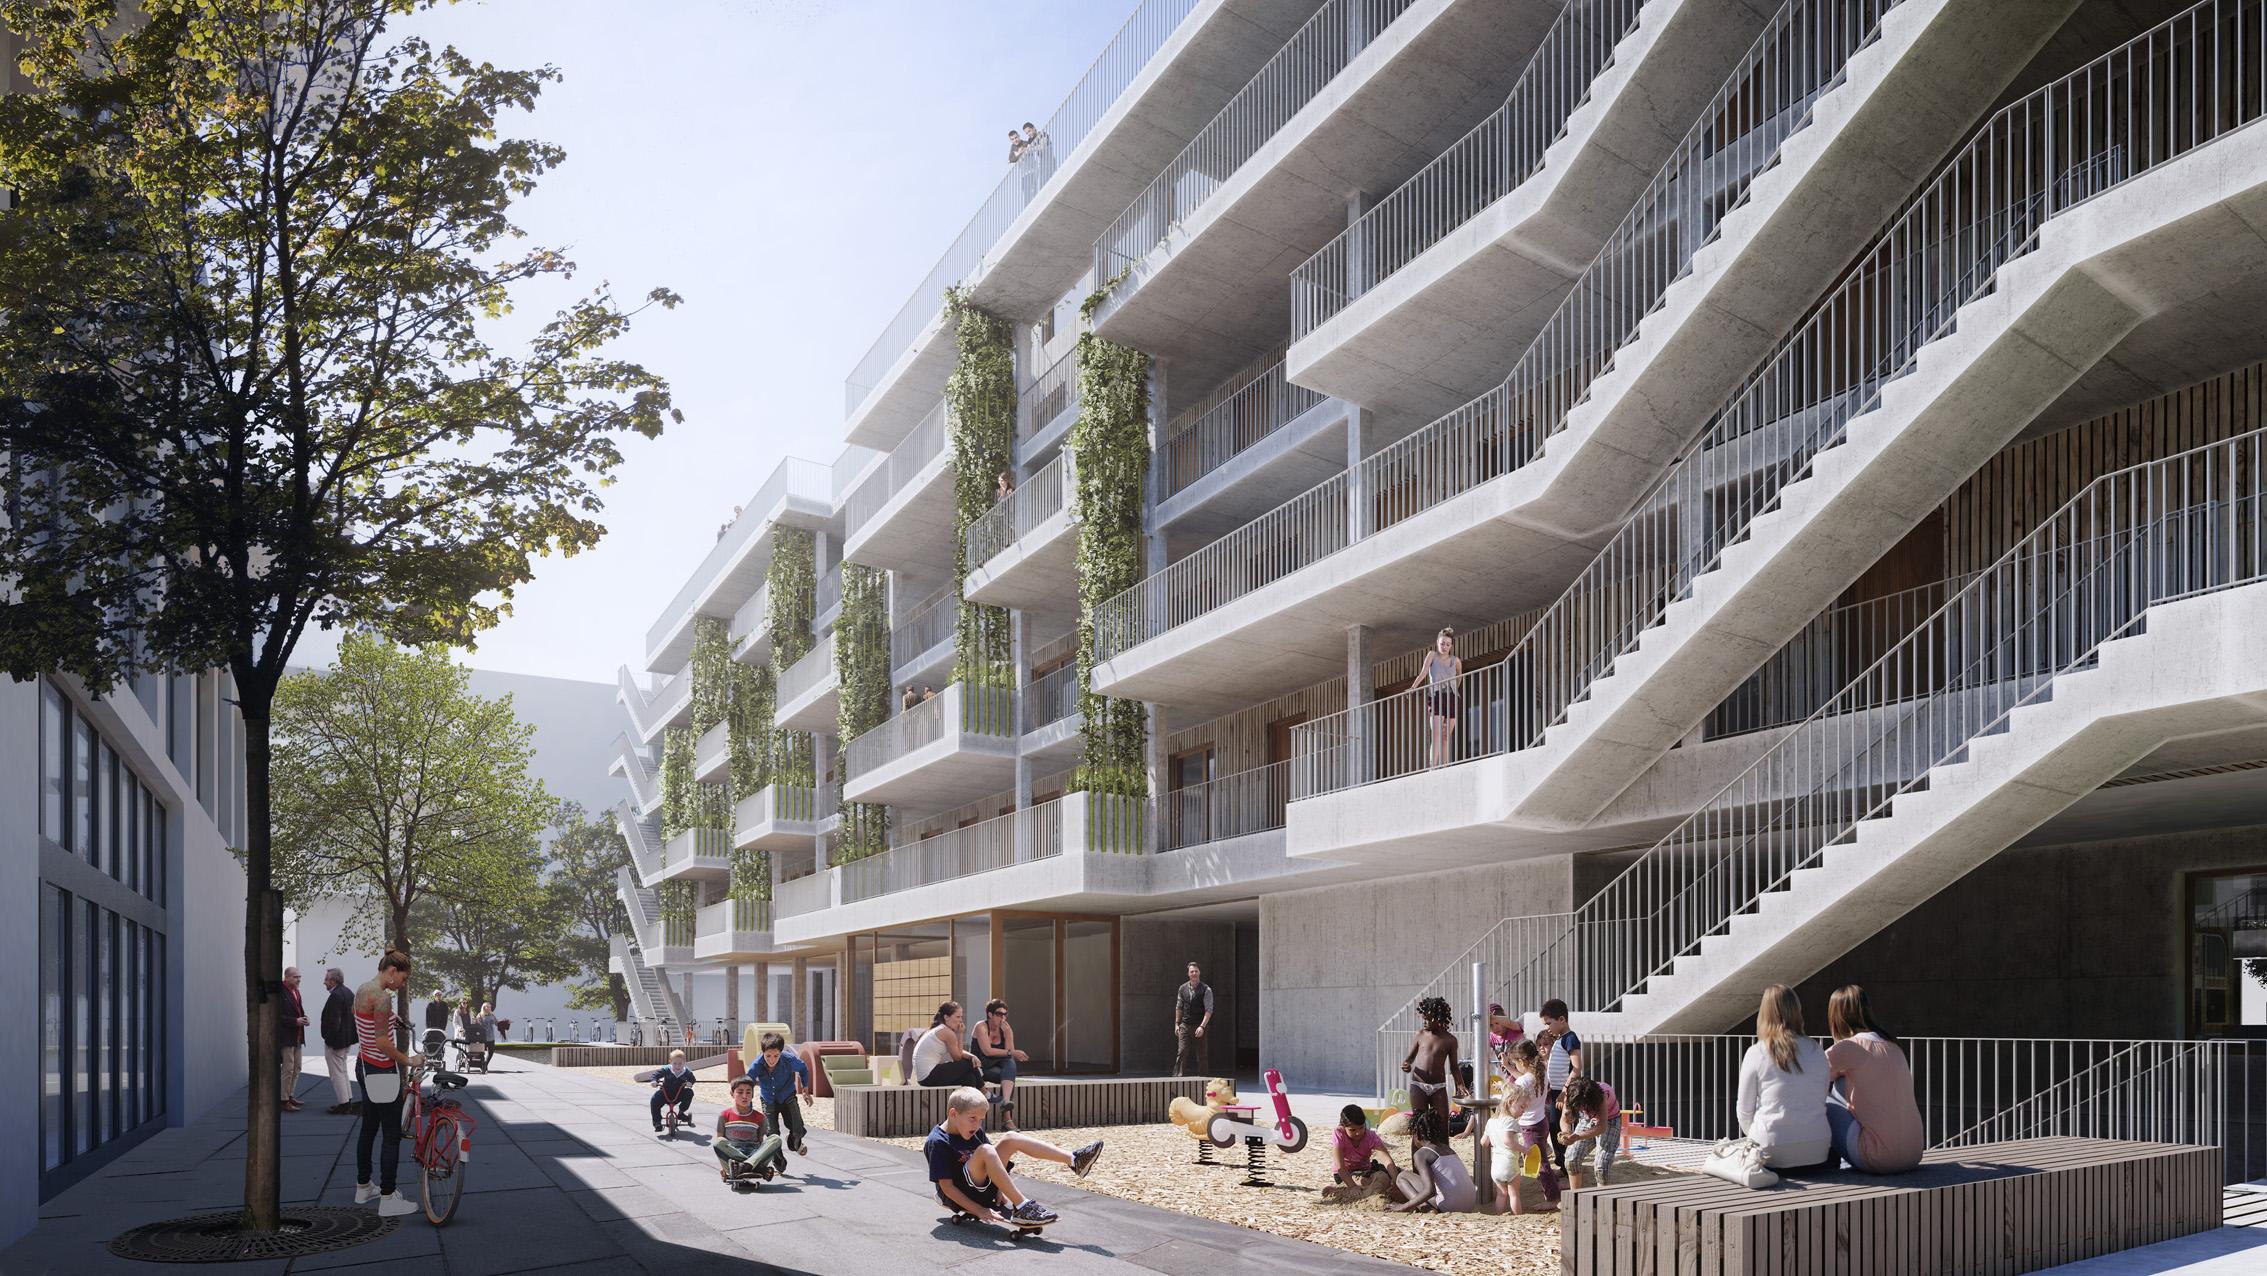 Baugruppen Wenn Menschen Ihre Wohnungen Selber Planen